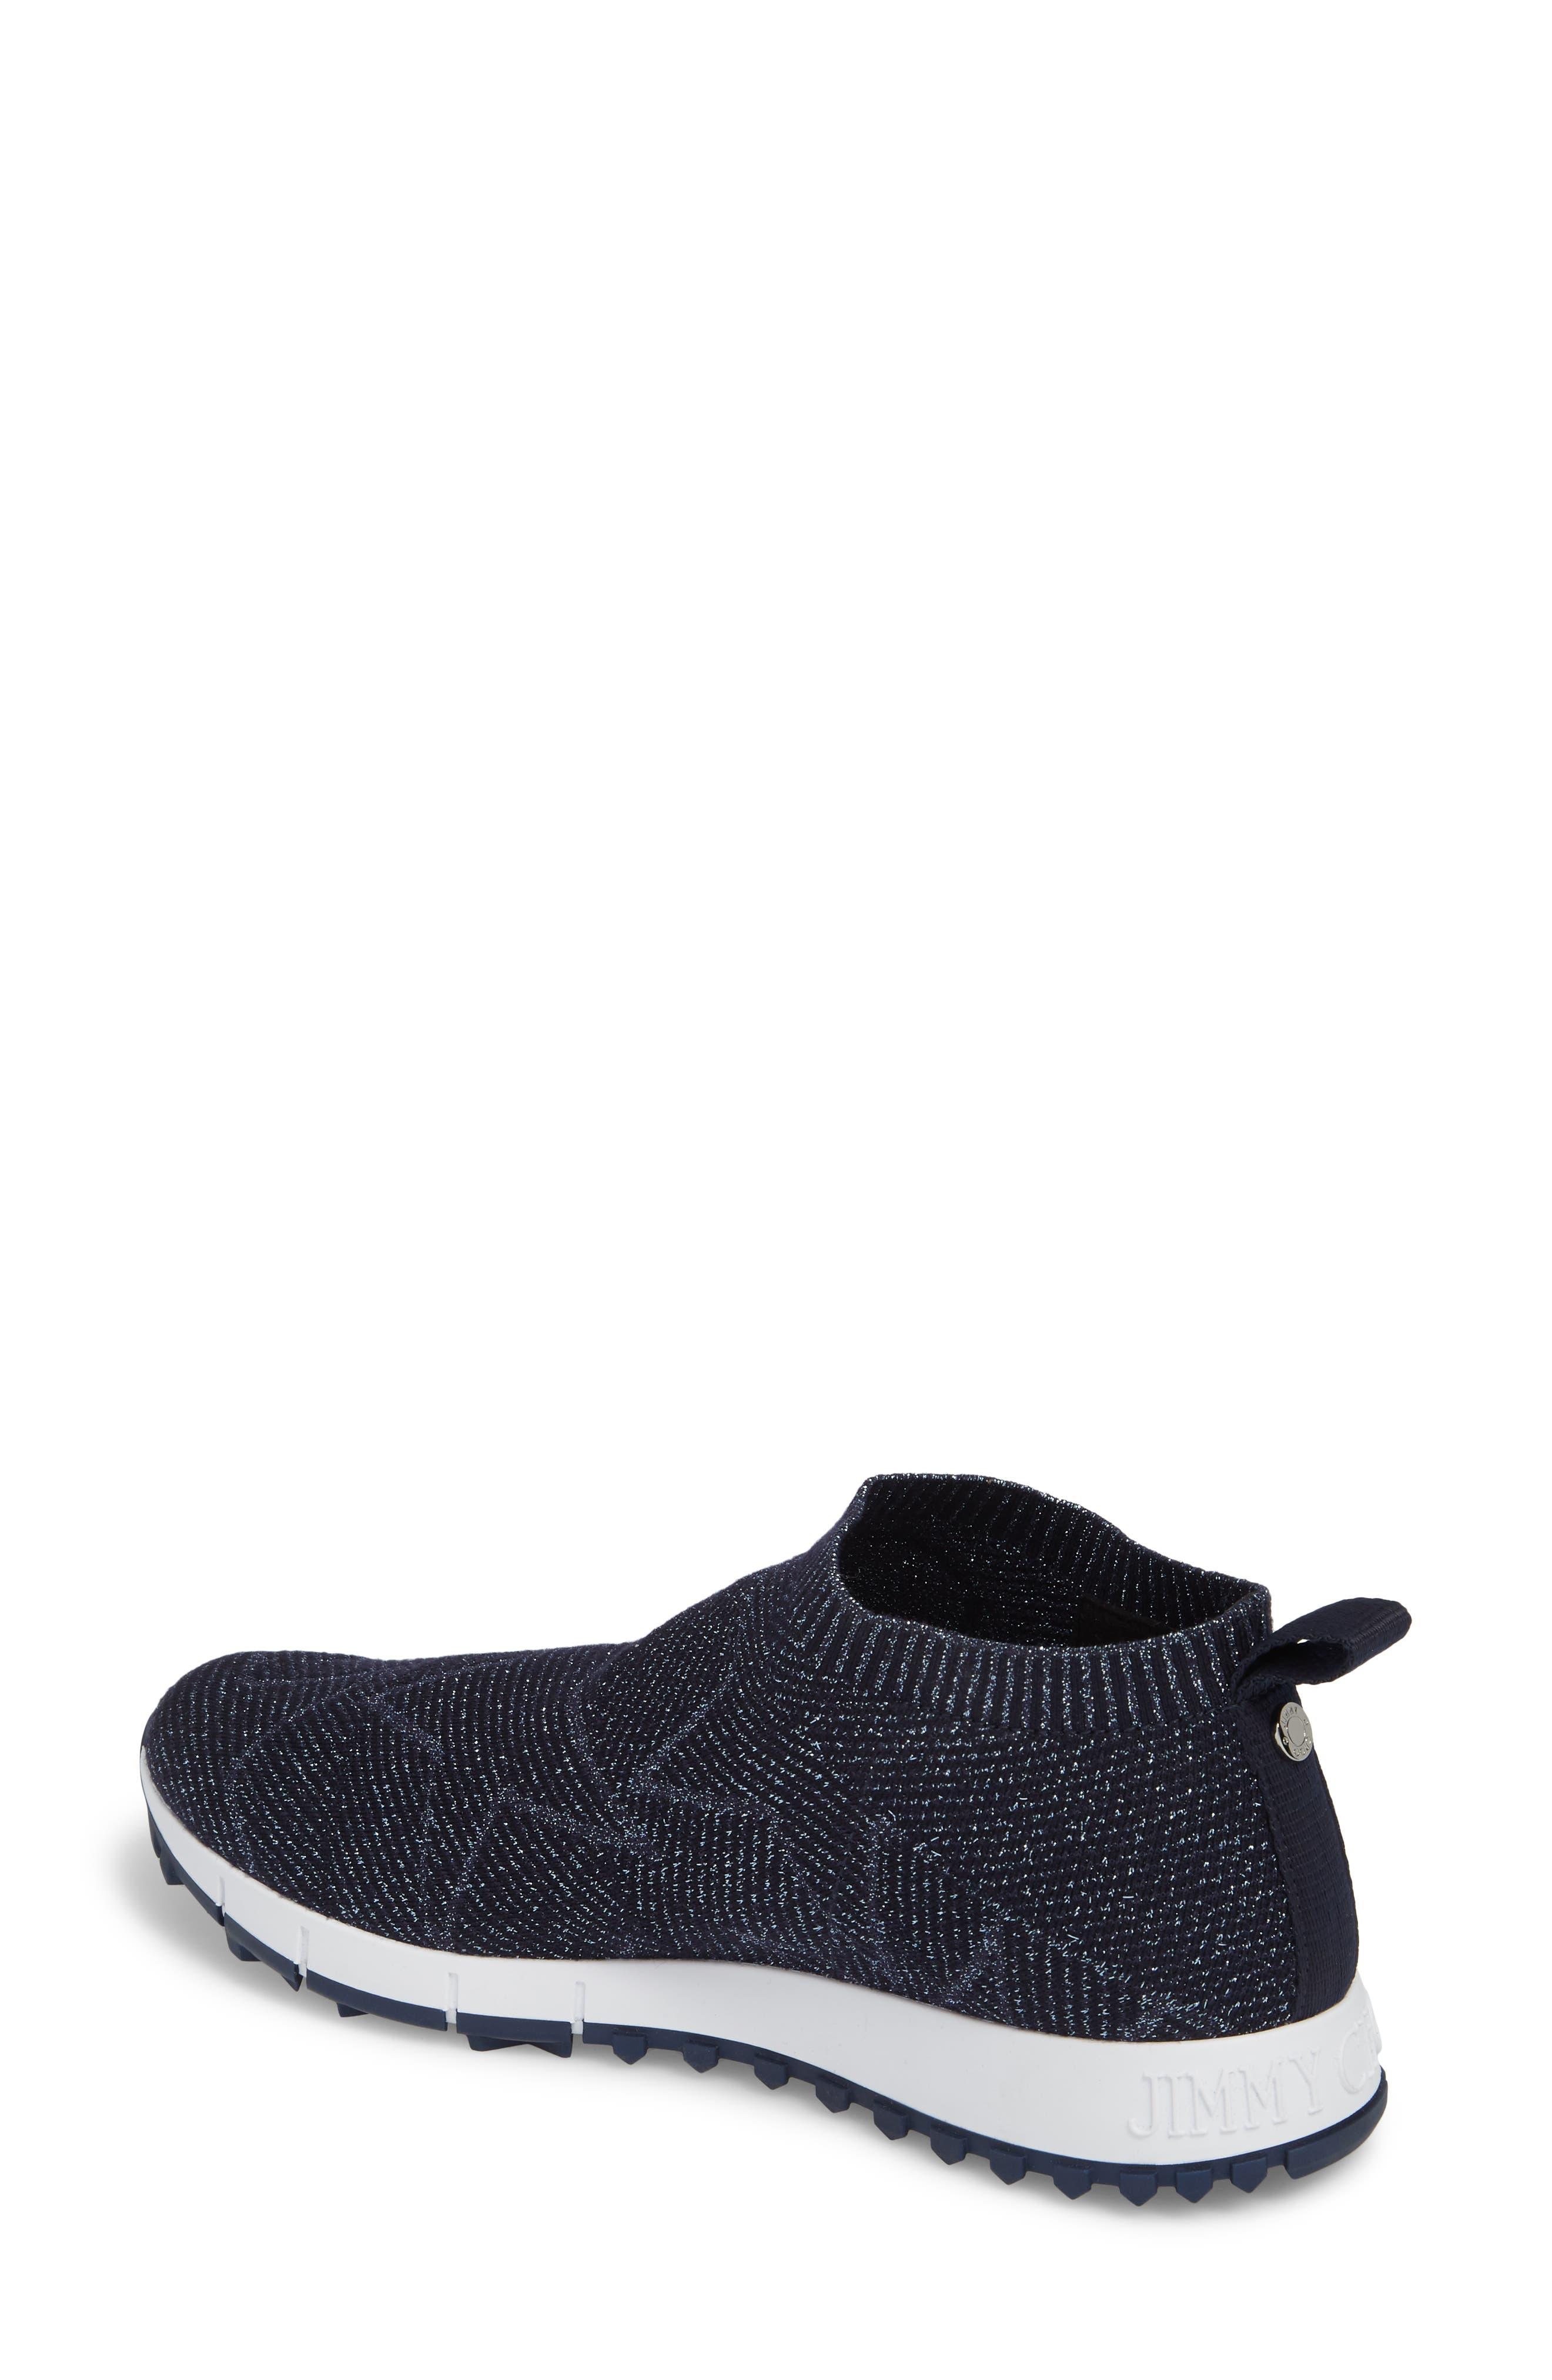 Norway Star Slip-On Sneaker,                             Alternate thumbnail 2, color,                             Navy